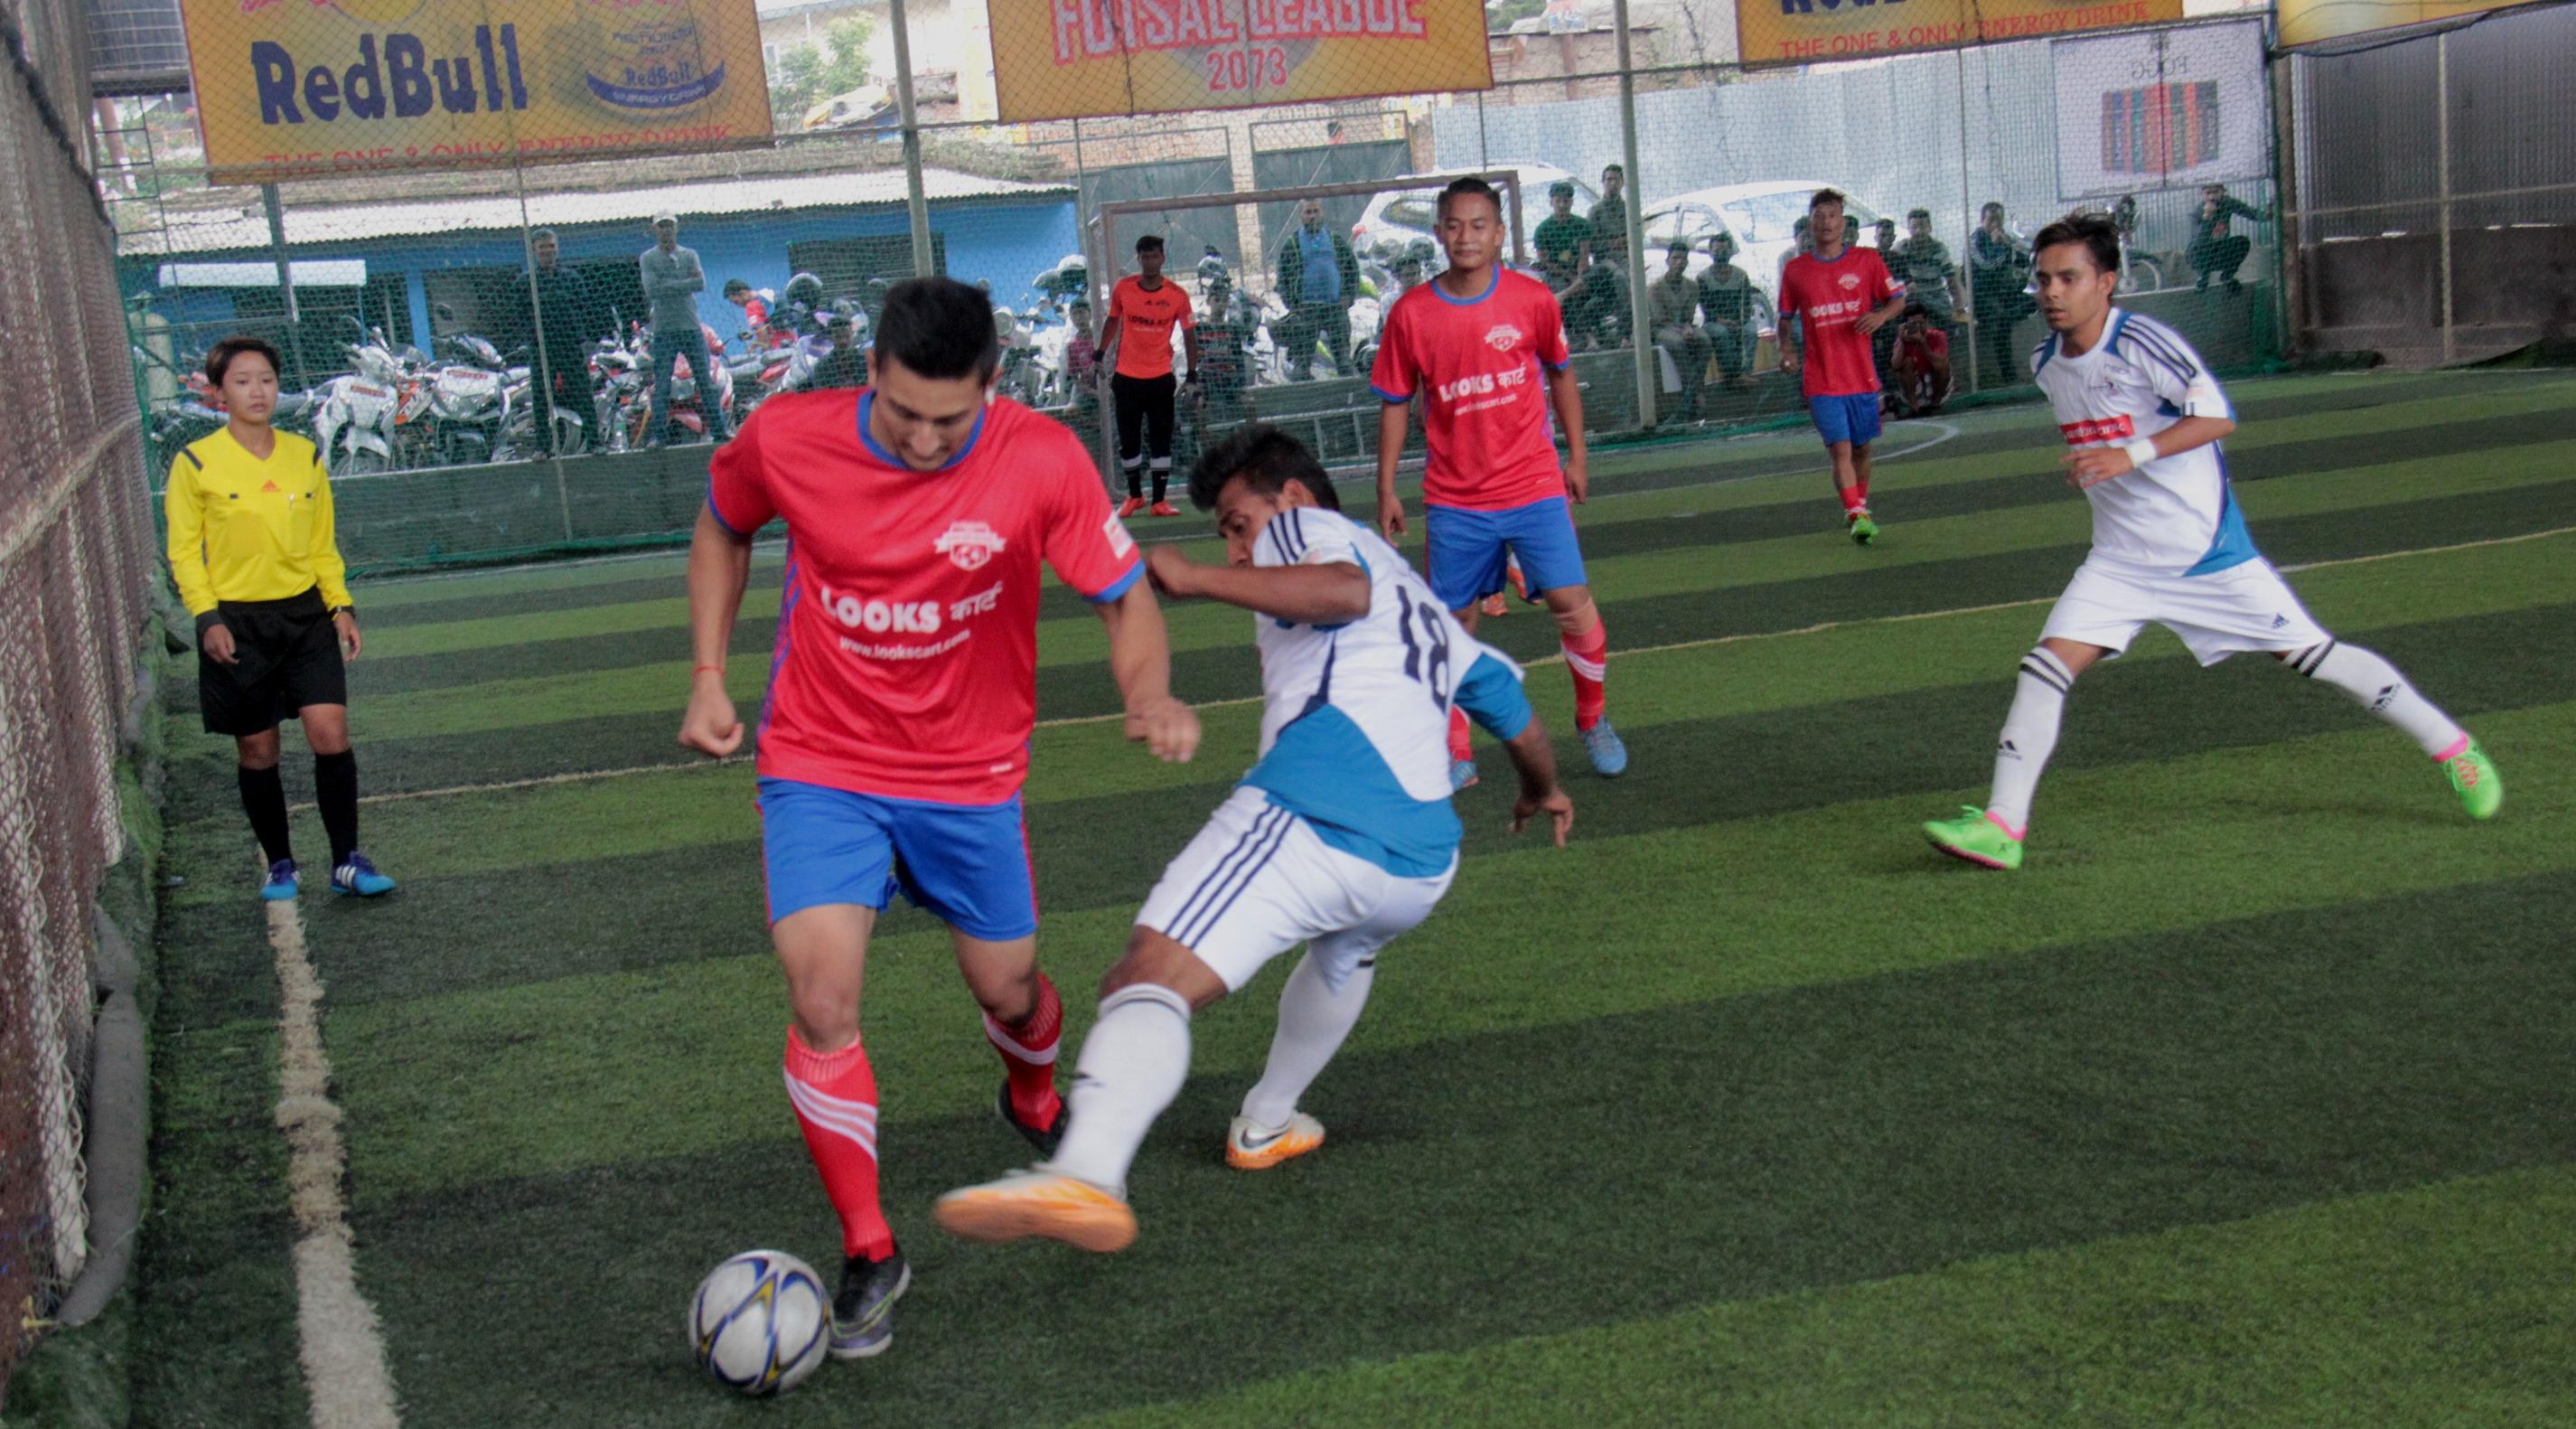 रेडबुल राष्ट्रिय फुटसल लिग किकअफ र कीर्तिपुर फुटसल विजयी